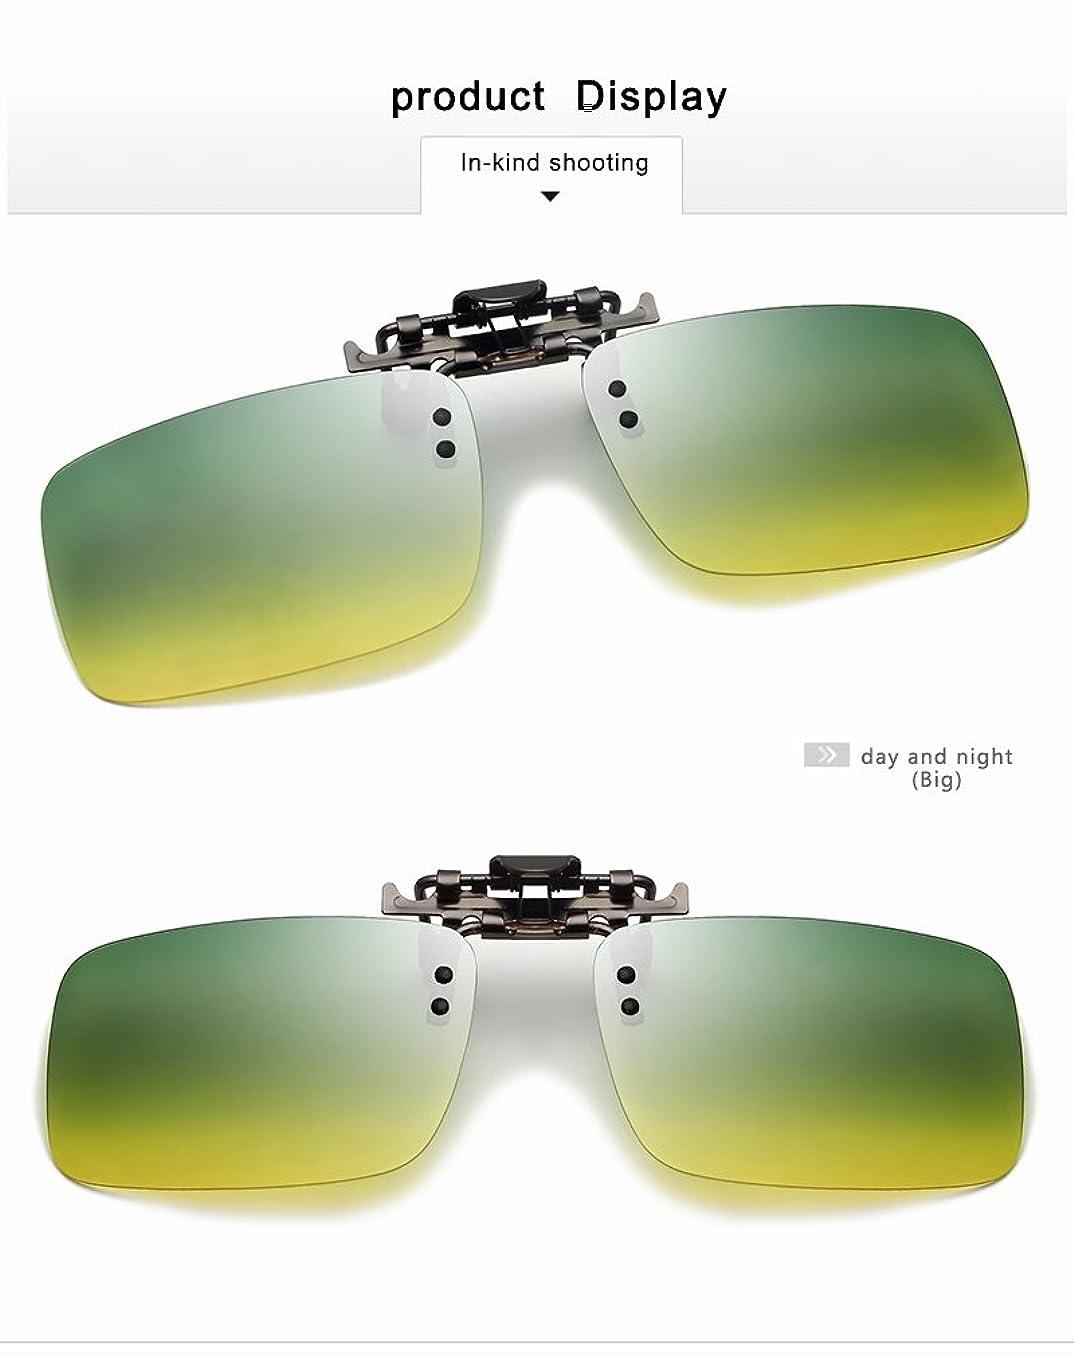 マーベル非アクティブ組Jieming 最新のメンズ偏光眼鏡は、TACの太陽の眼鏡UV400近視眼鏡ナイトビジョンのゴーグル昼と夜 (Color : Day and night, Size : Big)